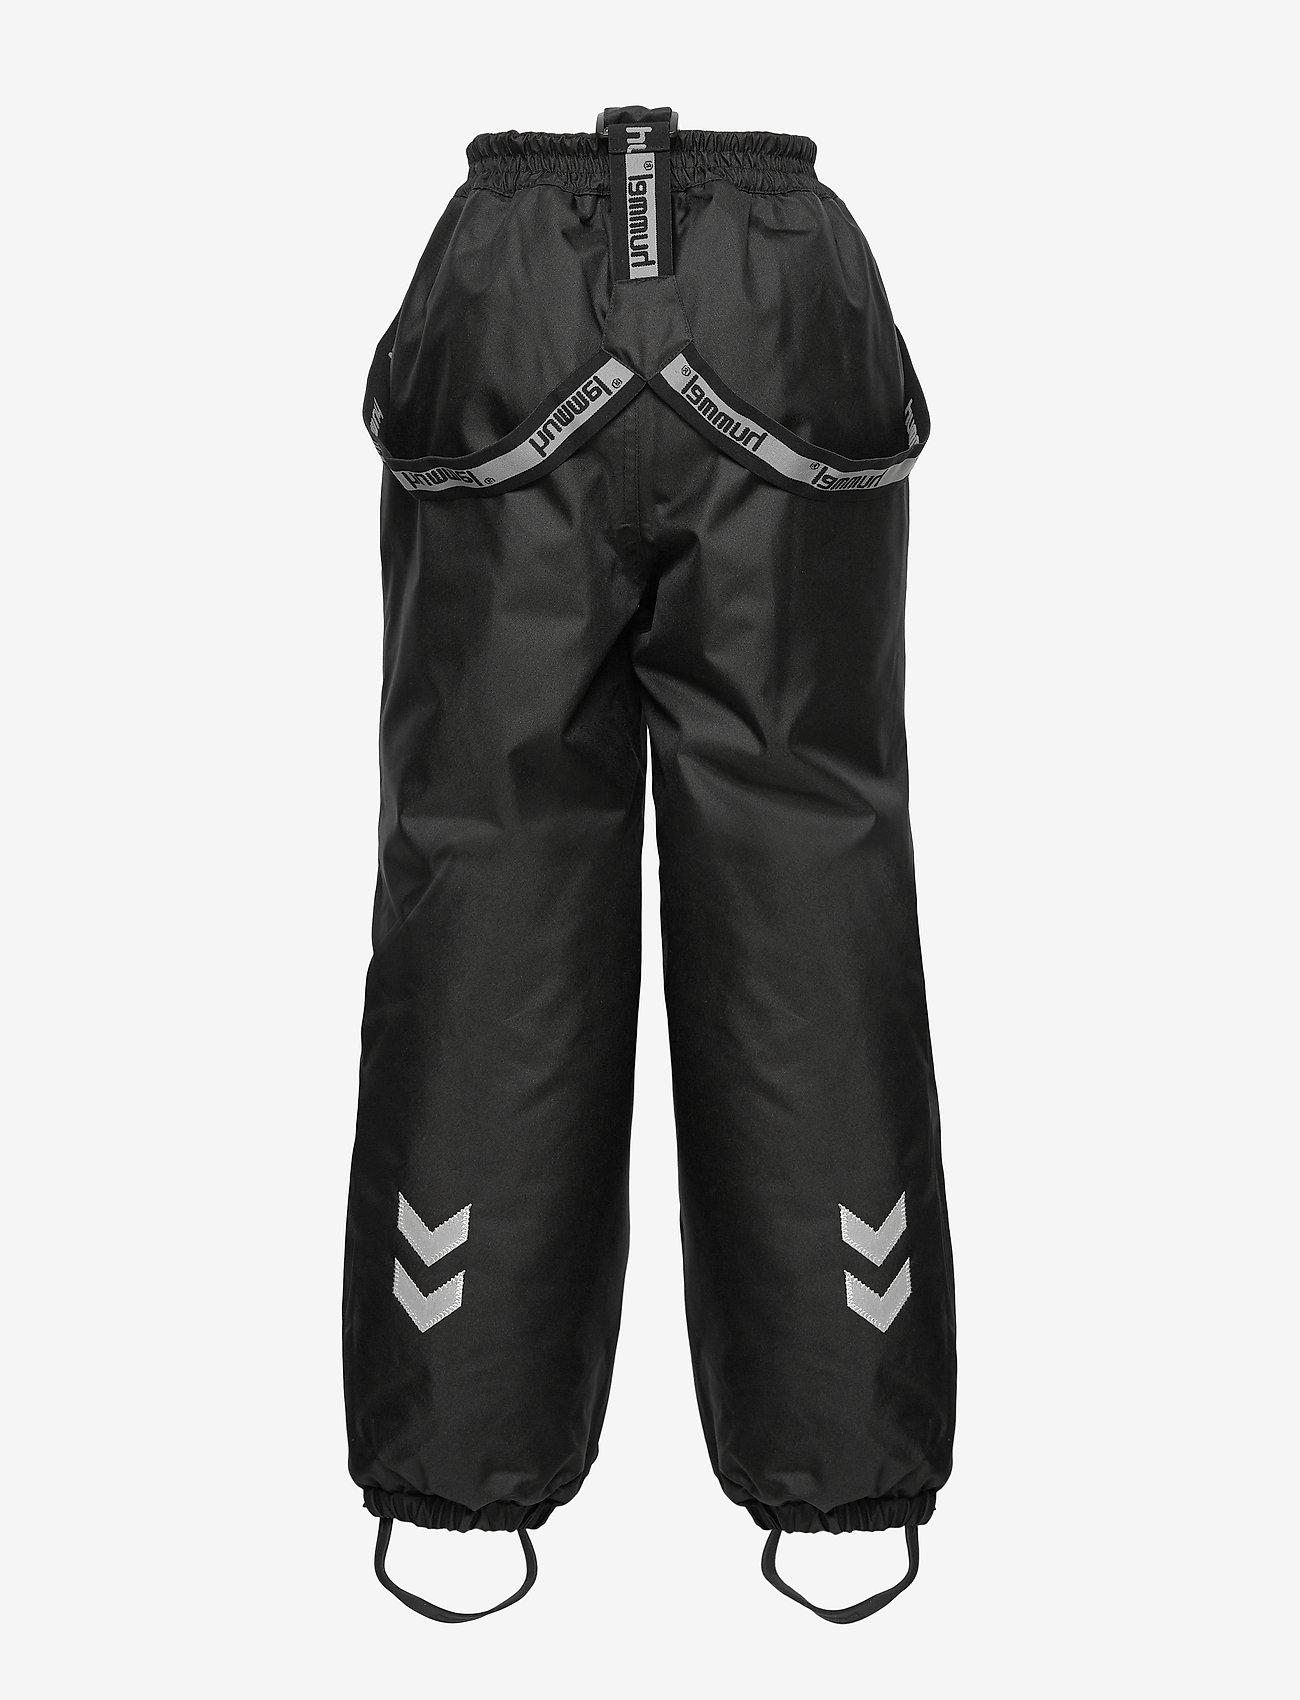 Hummel - hmlSTORM SNOWPANTS - winter trousers - black